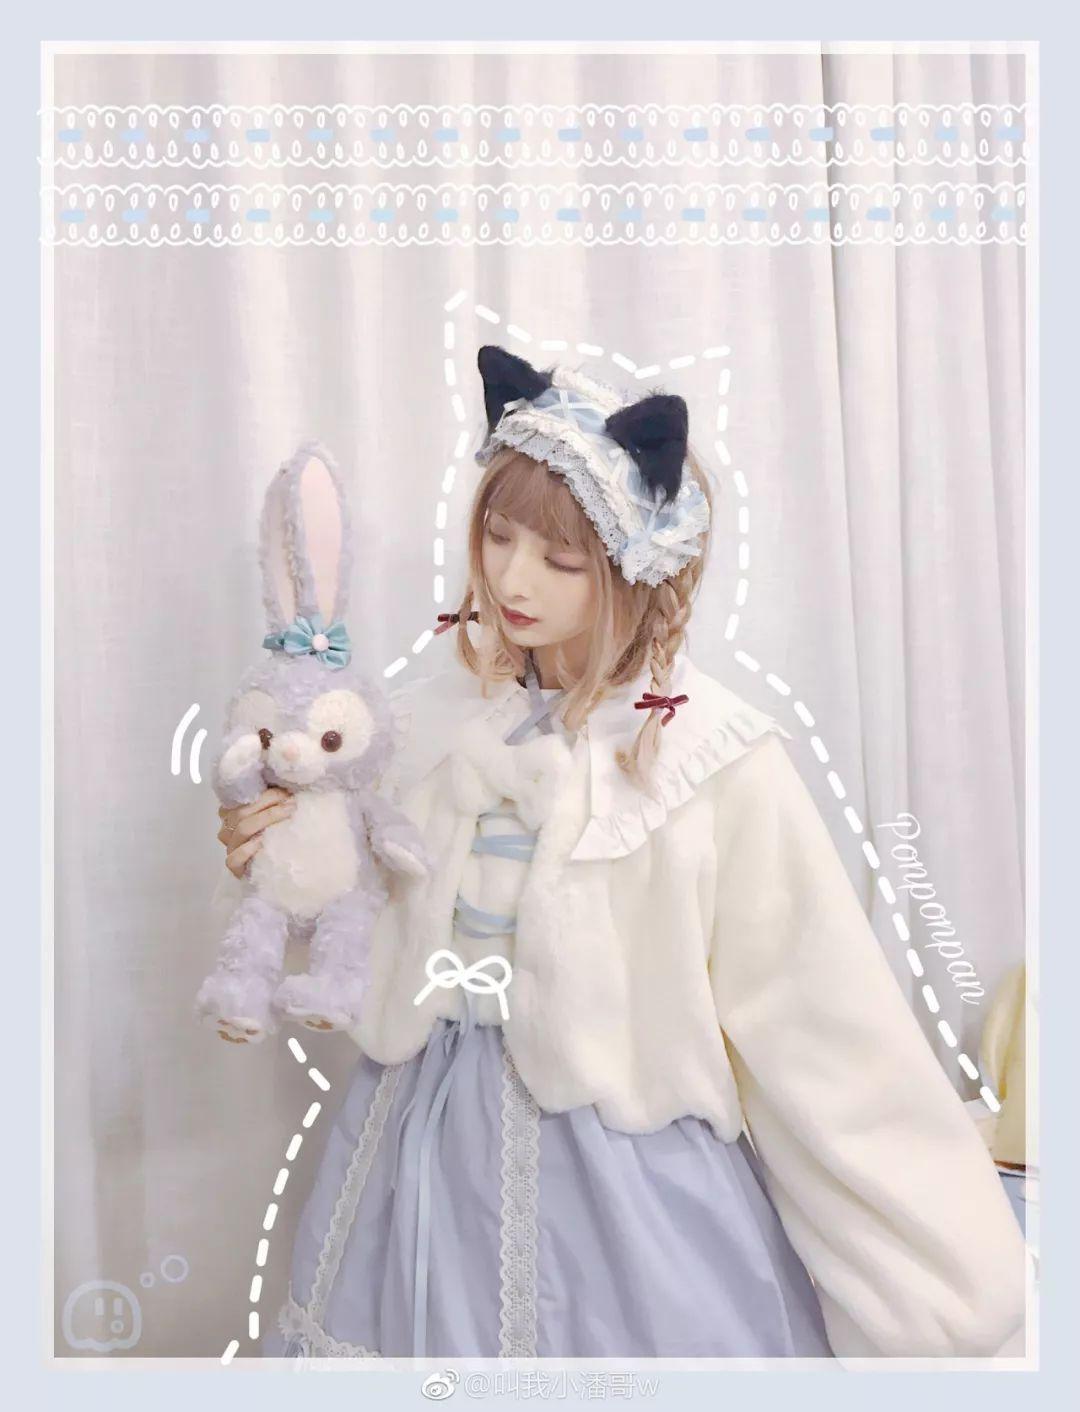 妹子摄影 – Lolita猫耳娘少女,精致的小公主_图片 No.6